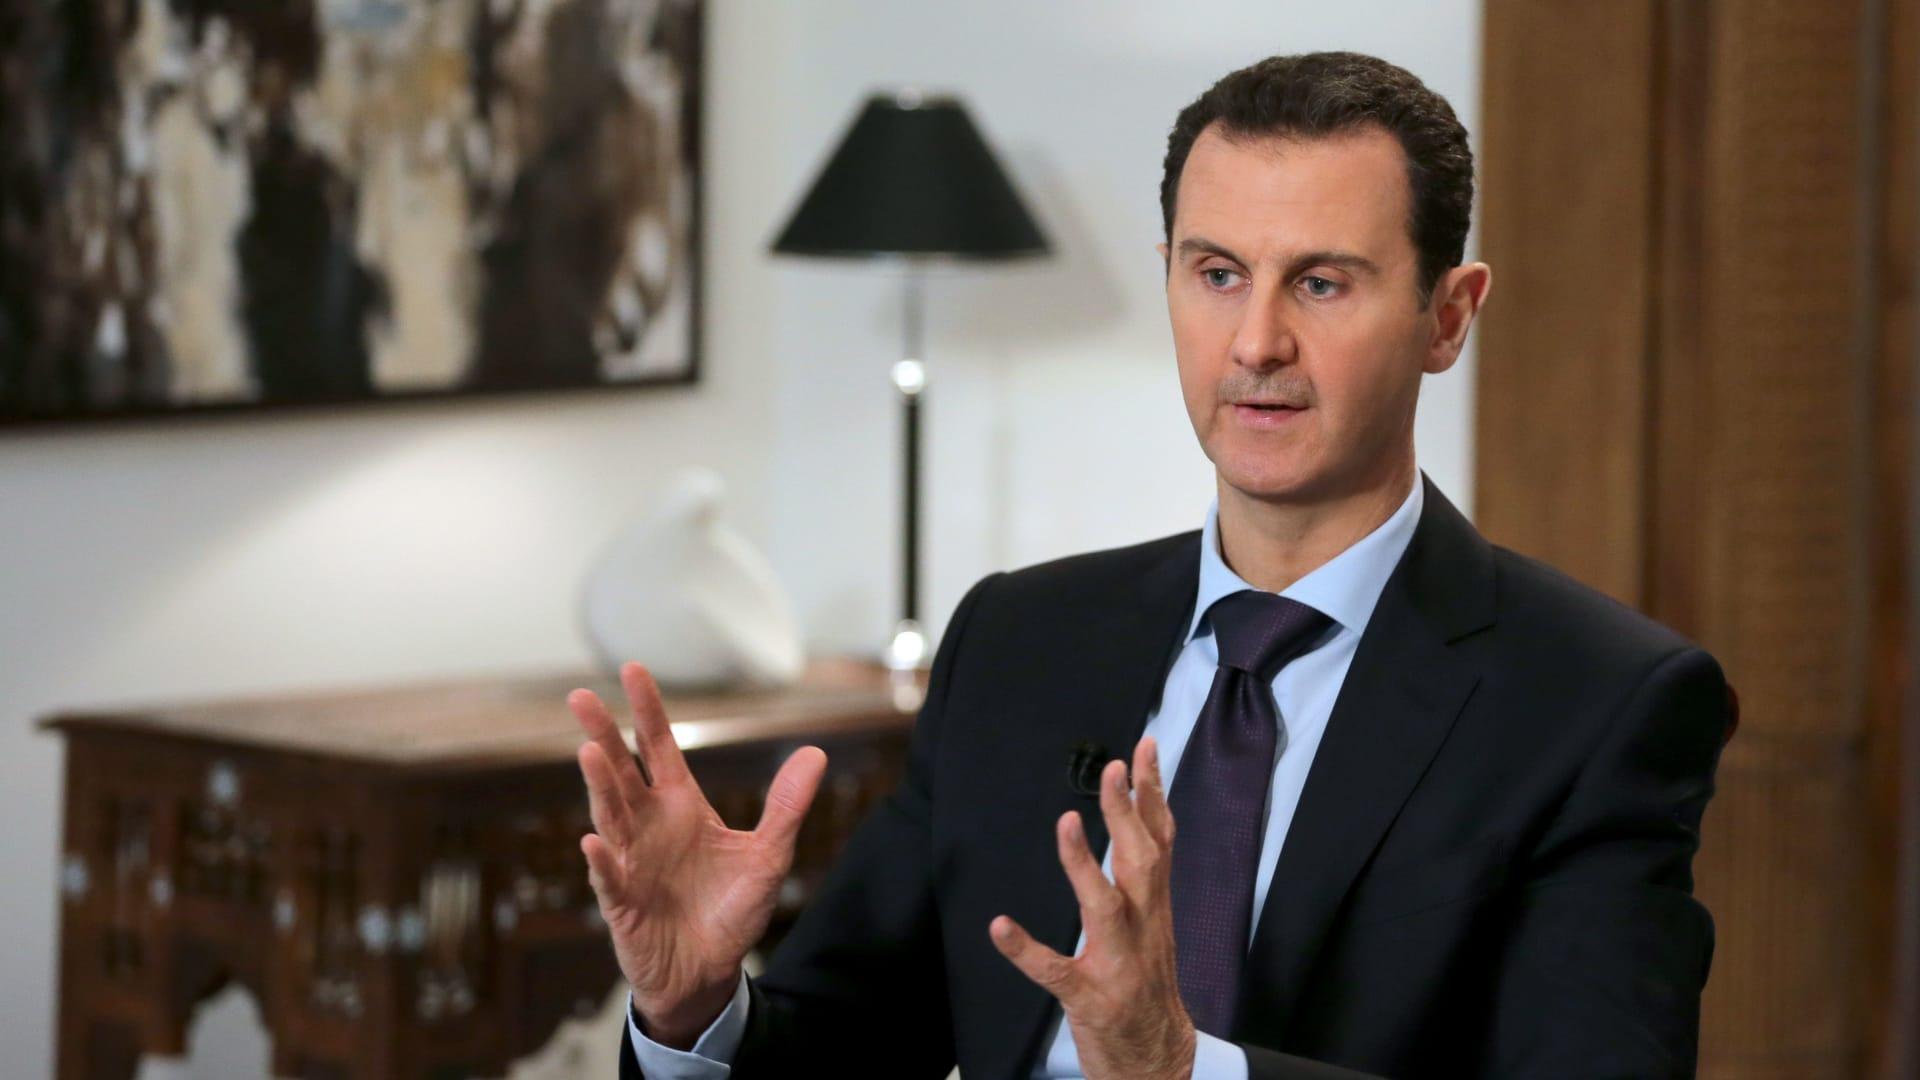 سوريا تزود بيروت بـ25 طنا من الأوكسجين.. ووزير الصحة اللبناني يشكر الأسد